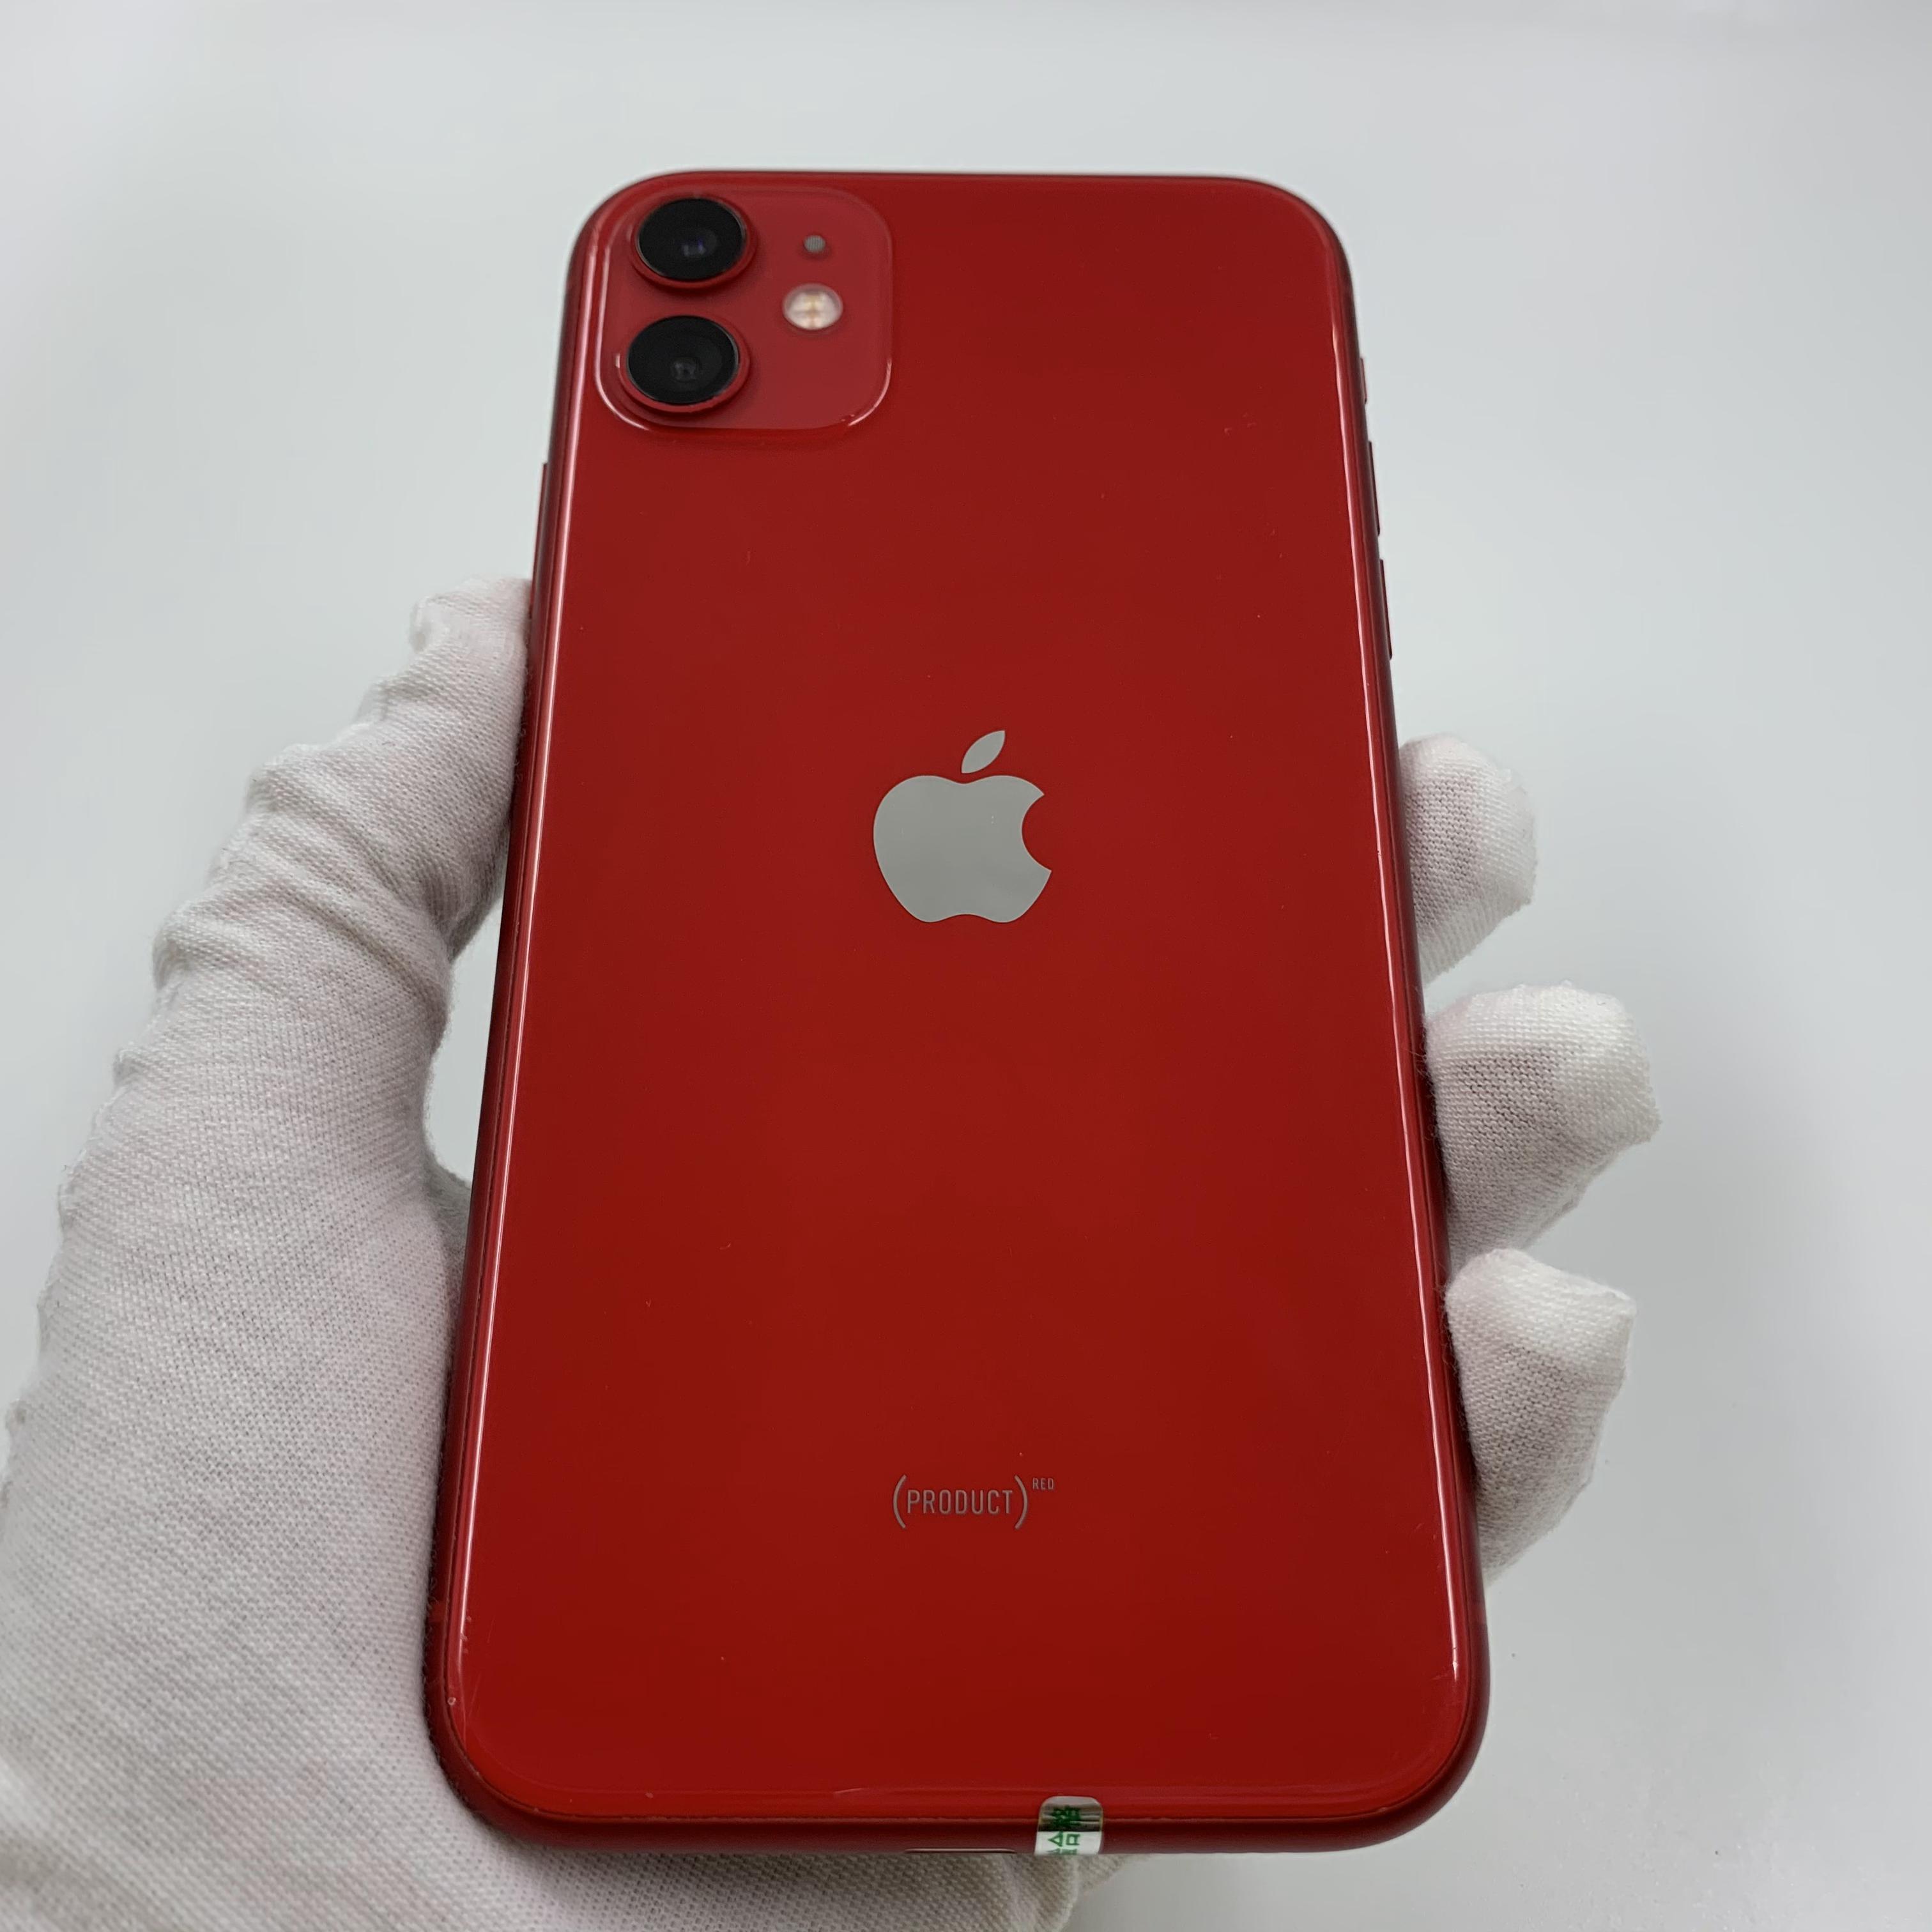 苹果【iPhone 11】4G全网通 红色 64G 国行 8成新 真机实拍官保2021-06-05